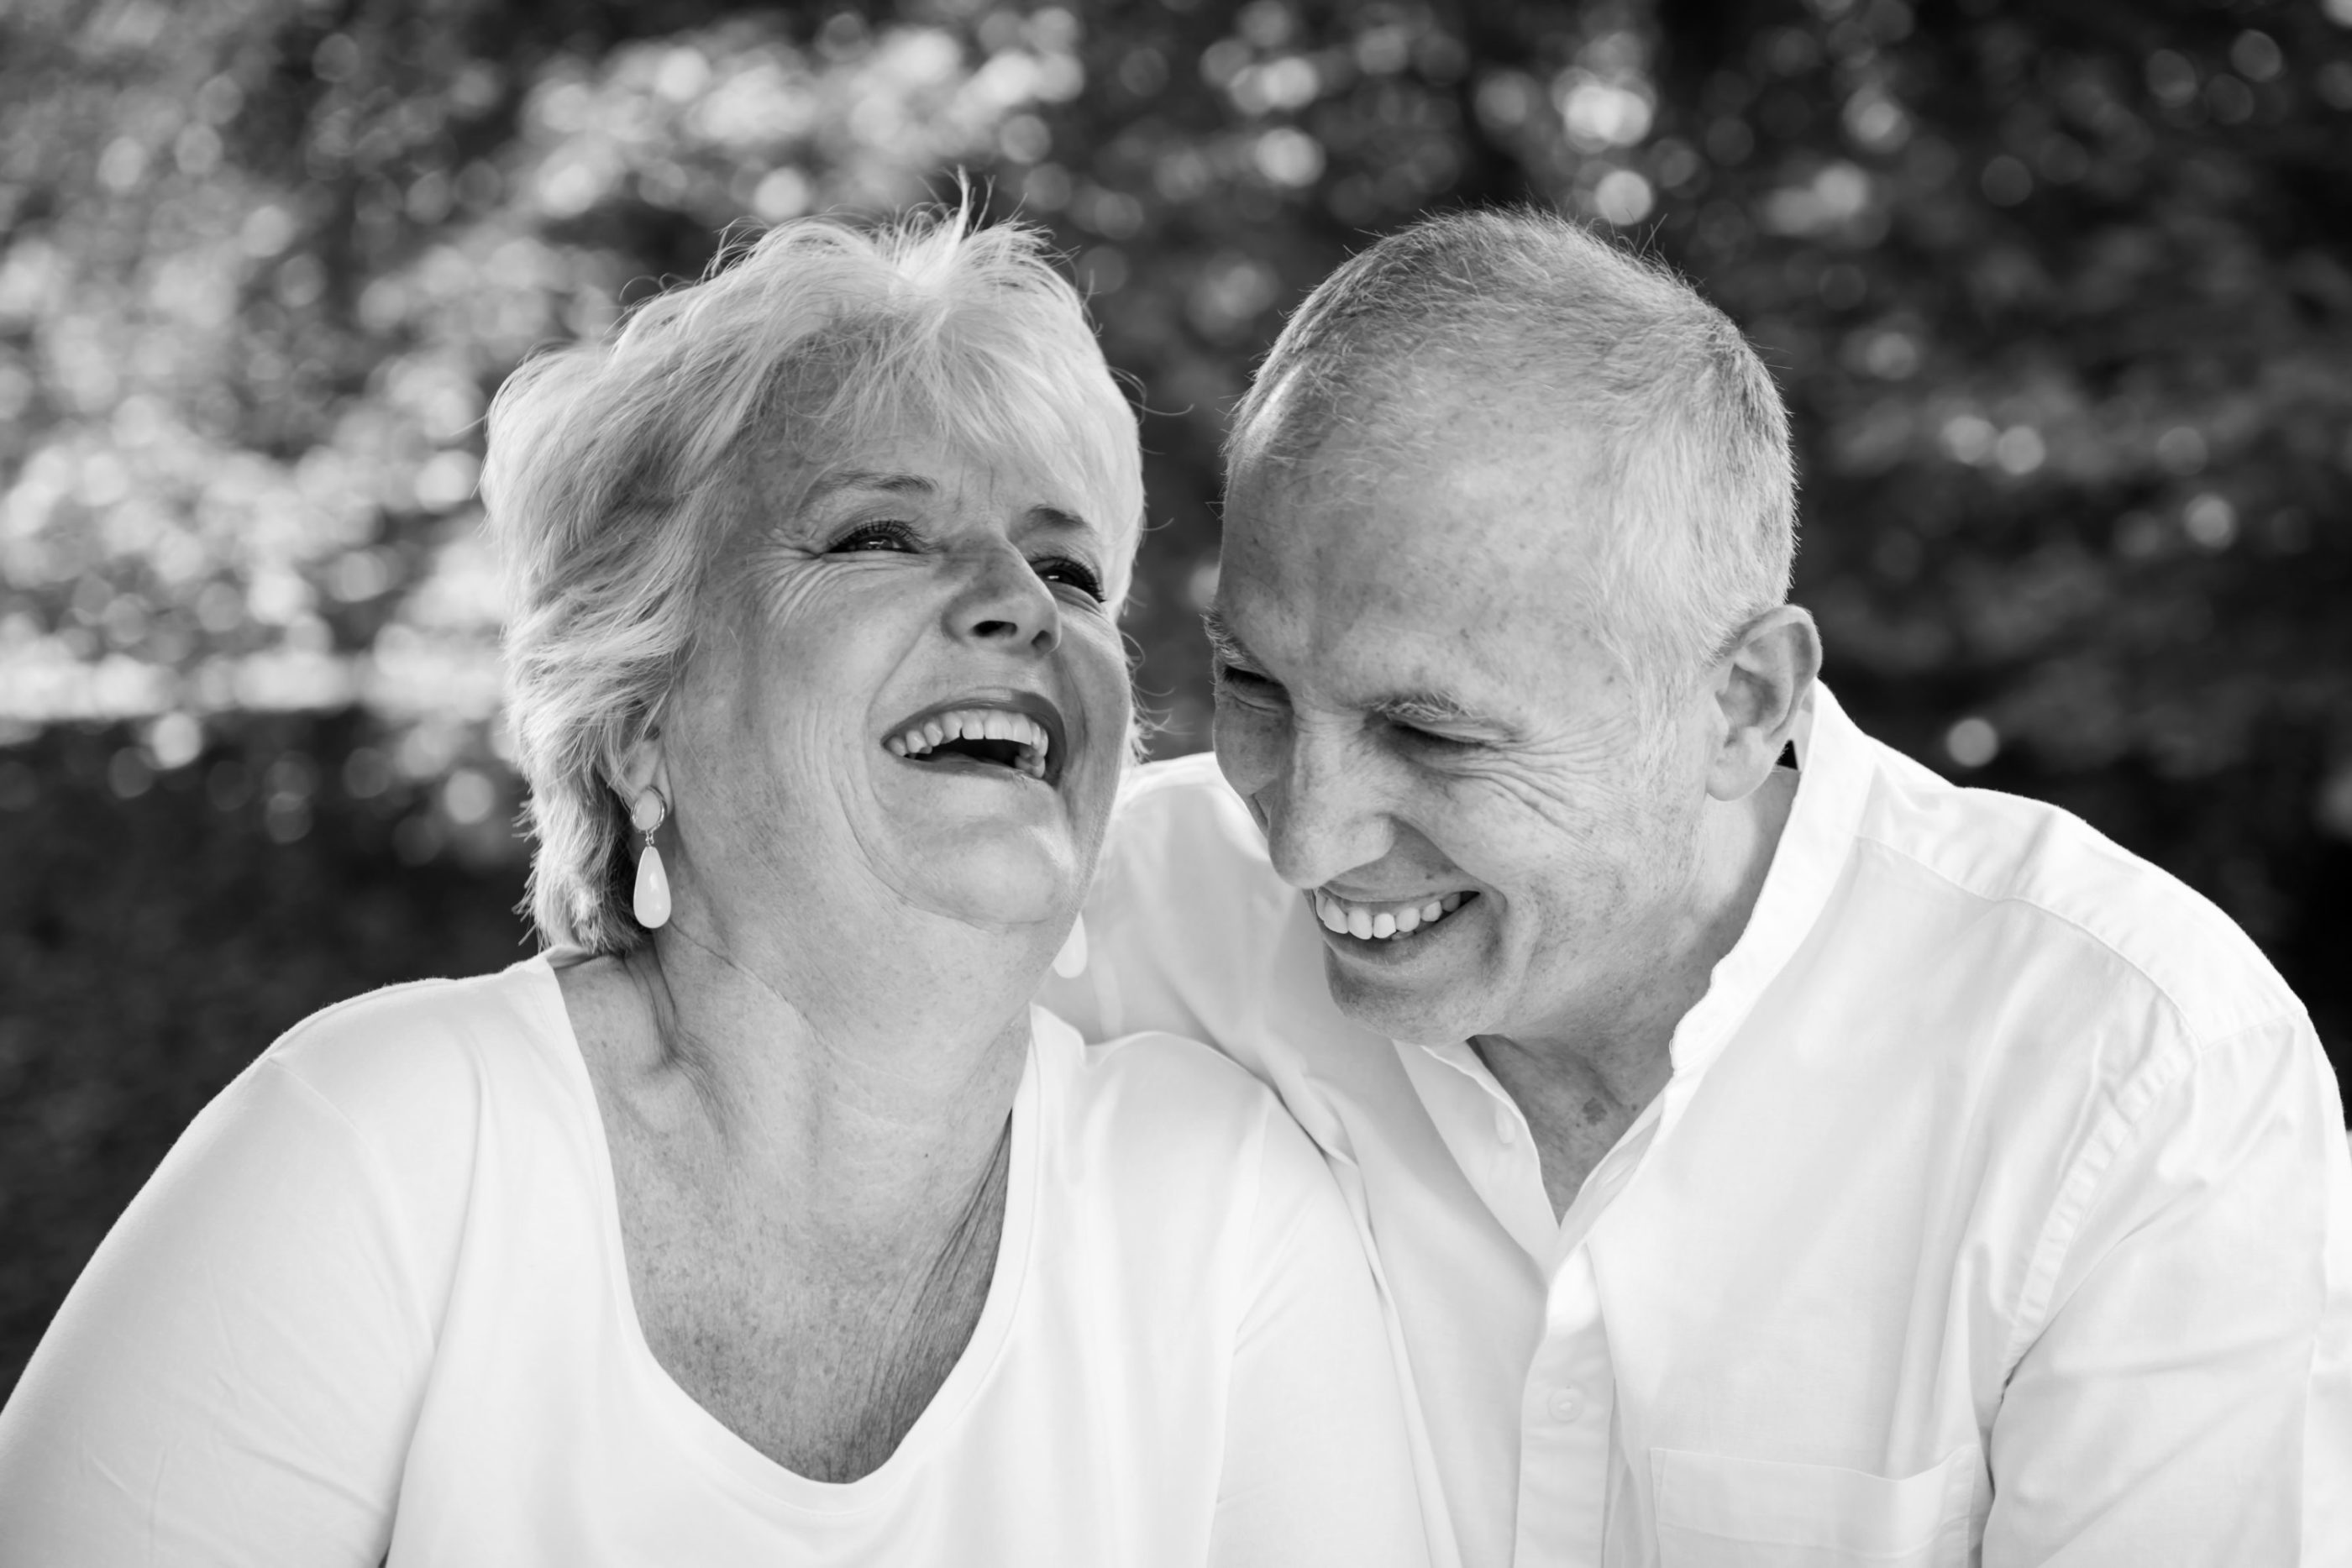 Aurore Delsoir photographe particuliers portraits mariages. Photographie noir et blanc